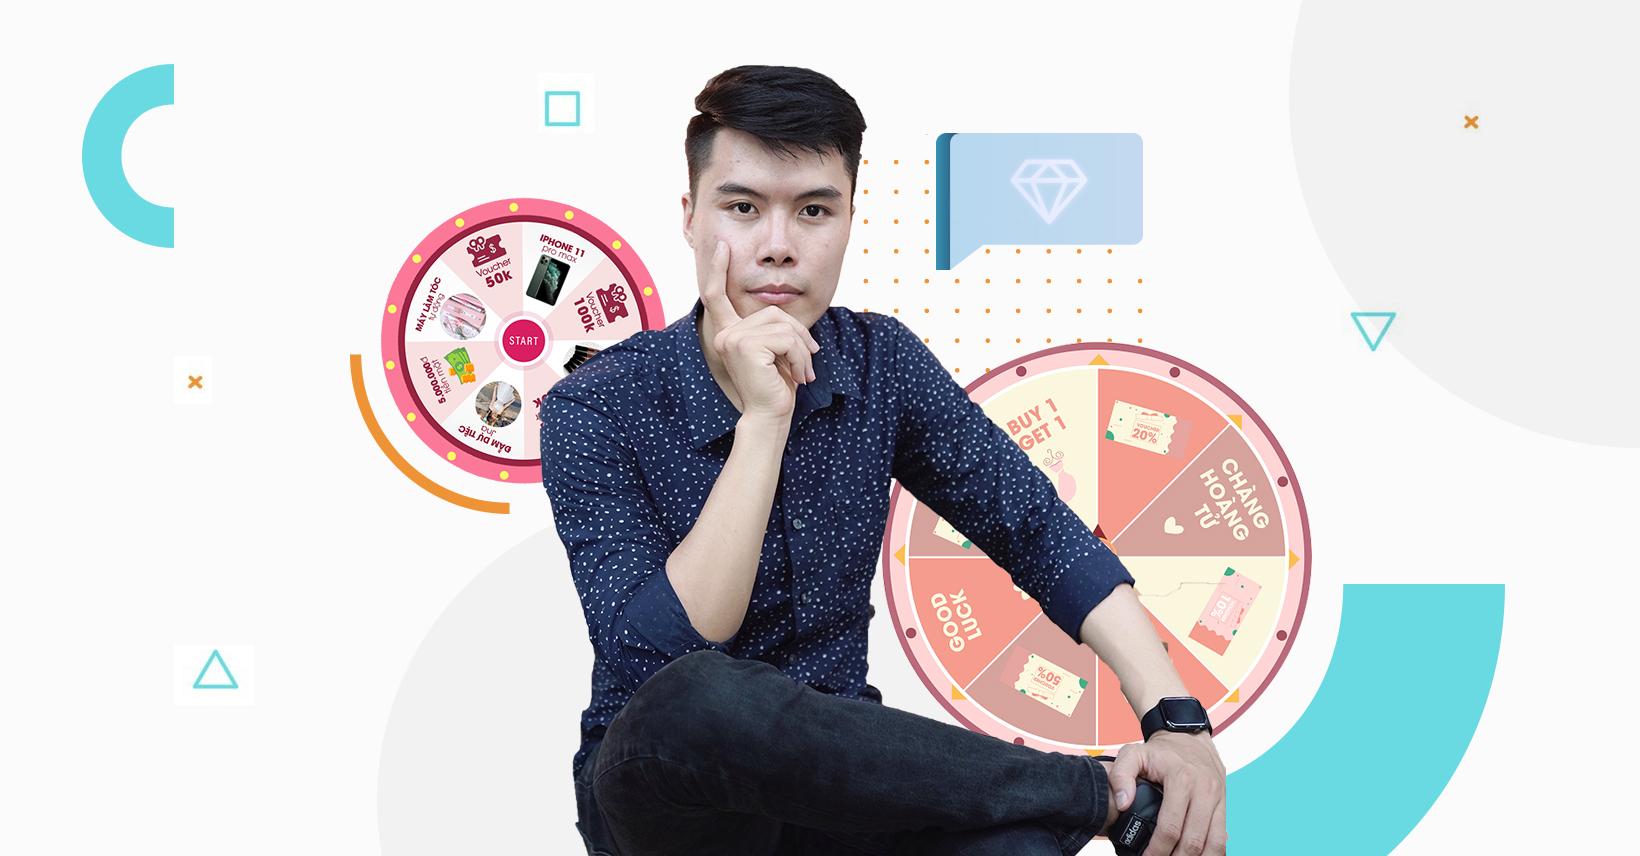 Khoá học Chatbot Gamification Master - Ứng dụng hệ thống tích hợp Chatbot & Gamification để tăng trưởng X2, X3 doanh số 1